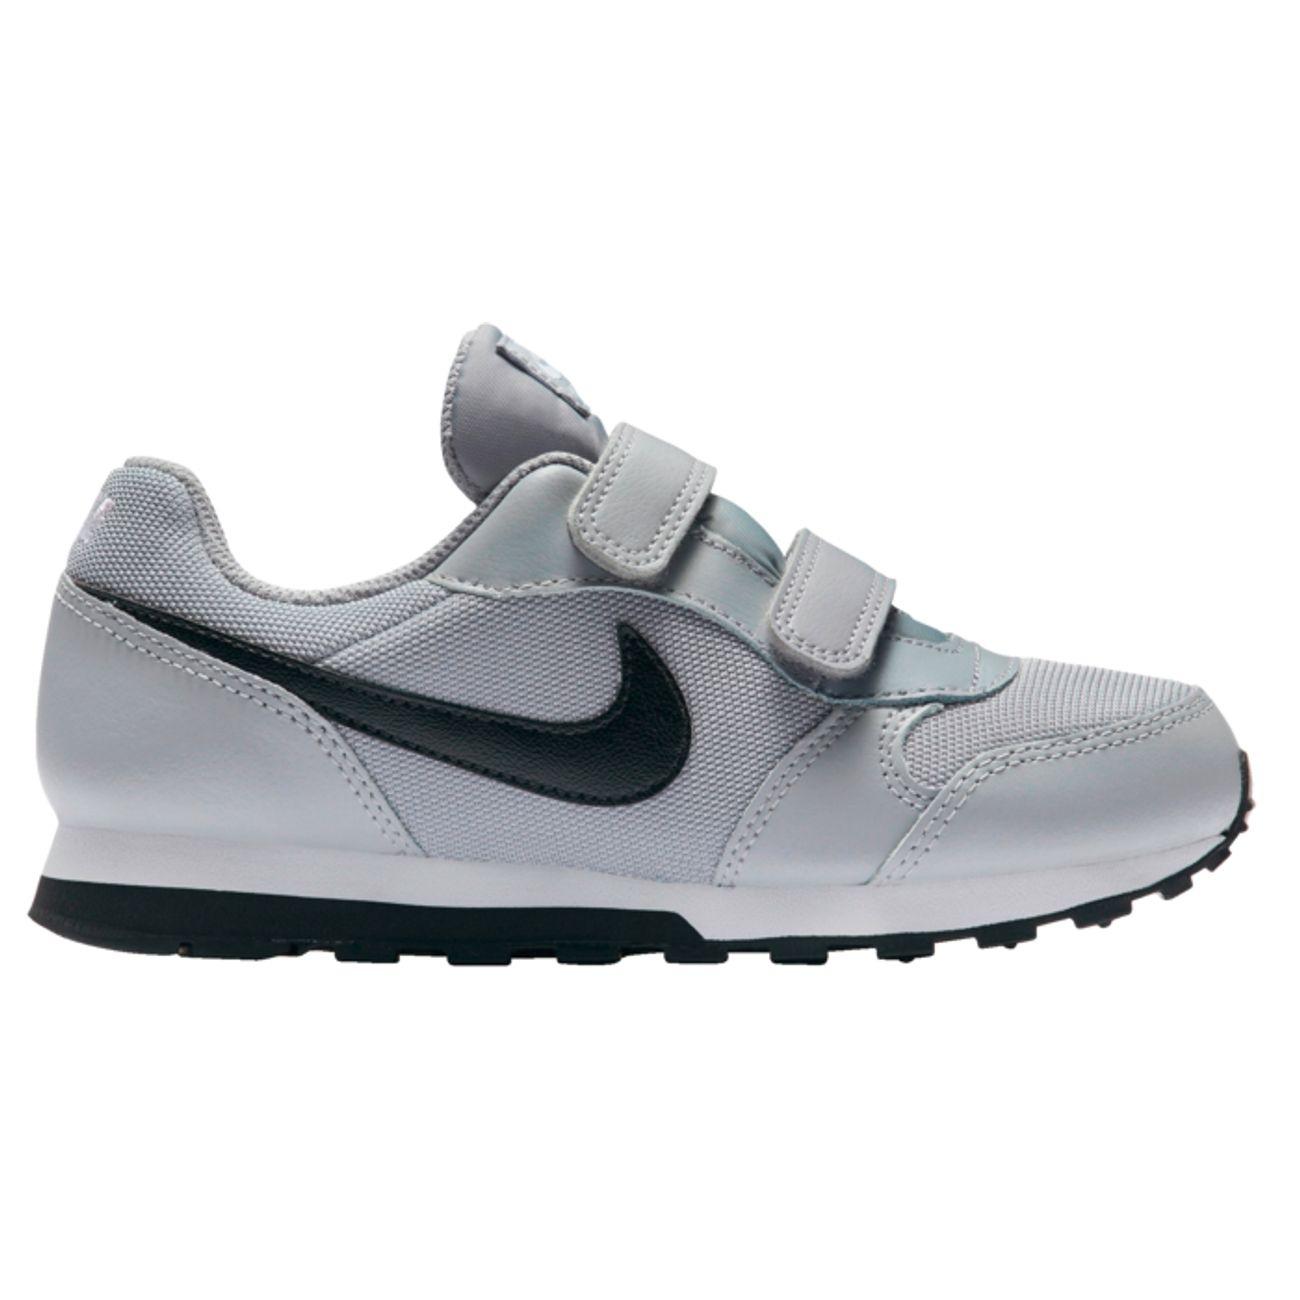 Chaussures basses de loisirs Nike MD Runner 2 VLC pour Enfant - Tailles 28.5 à 35